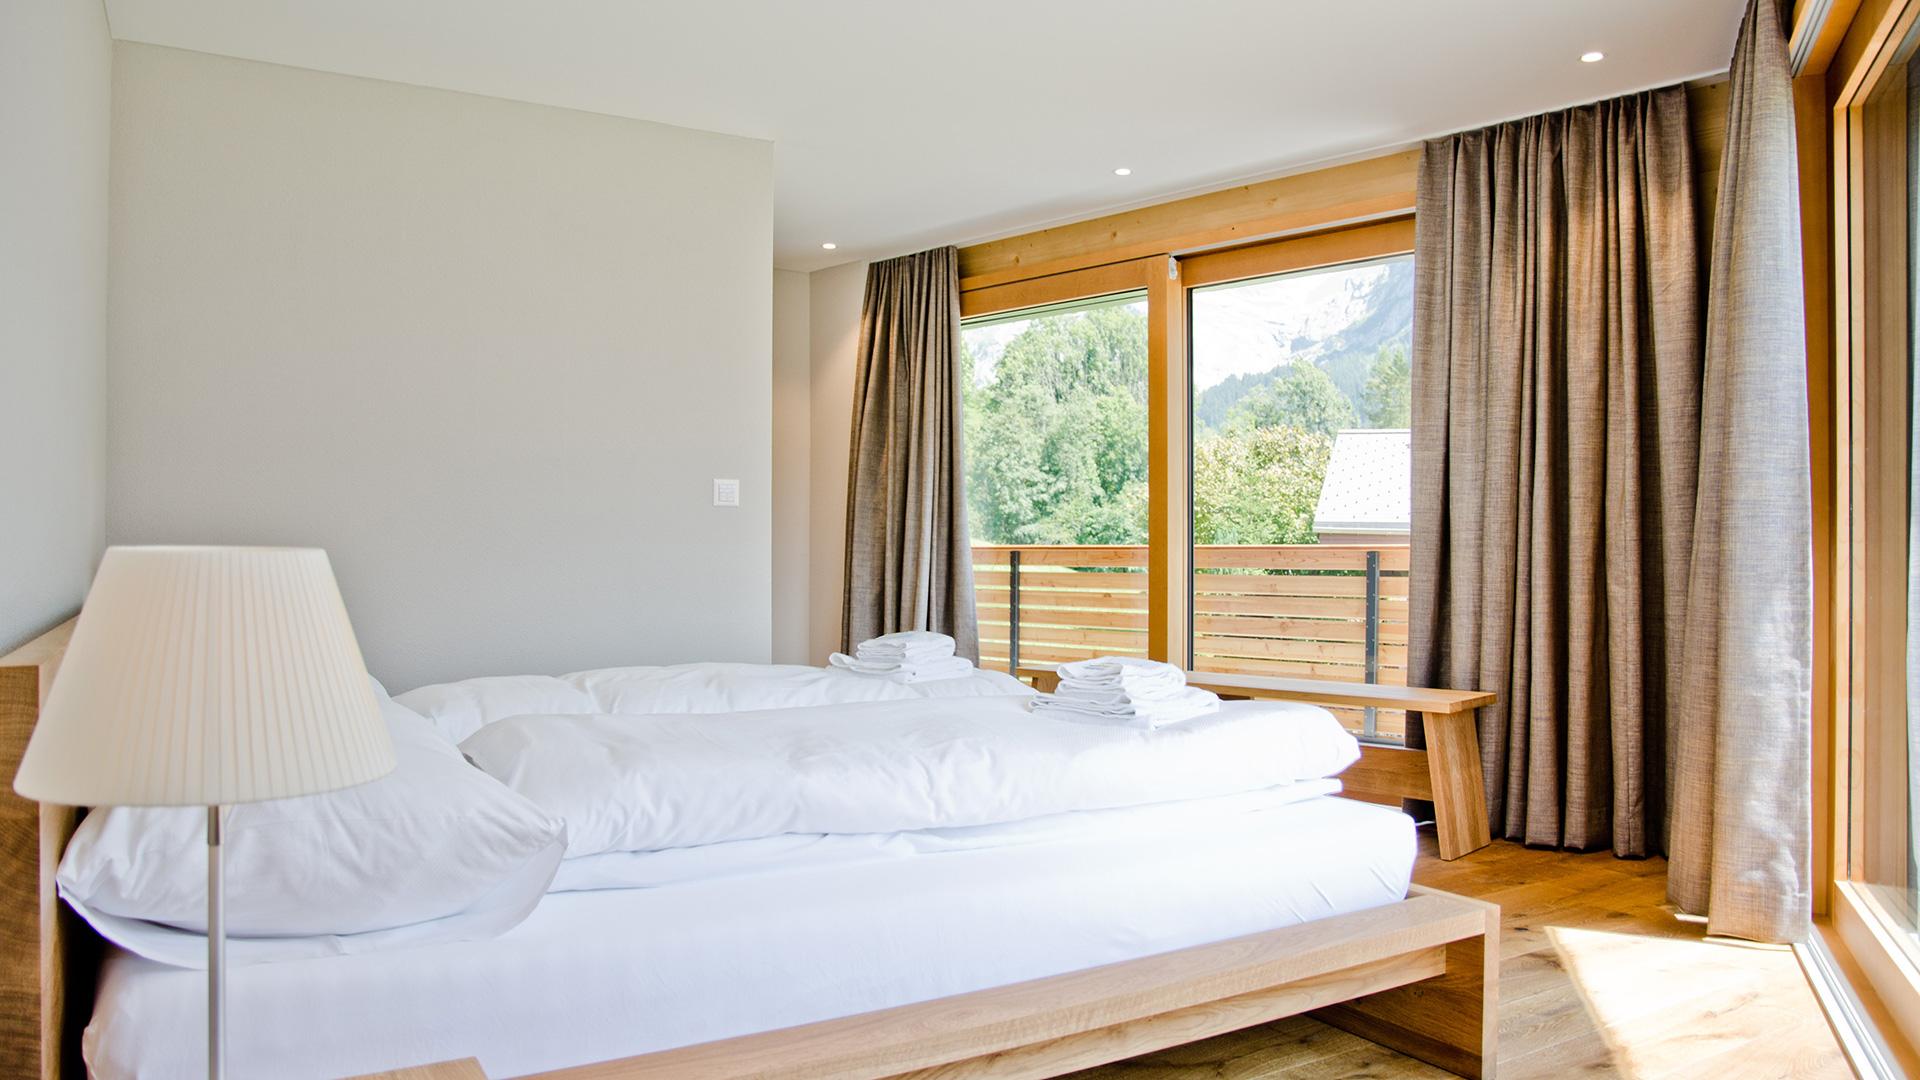 Residence Isch Chalet, Switzerland